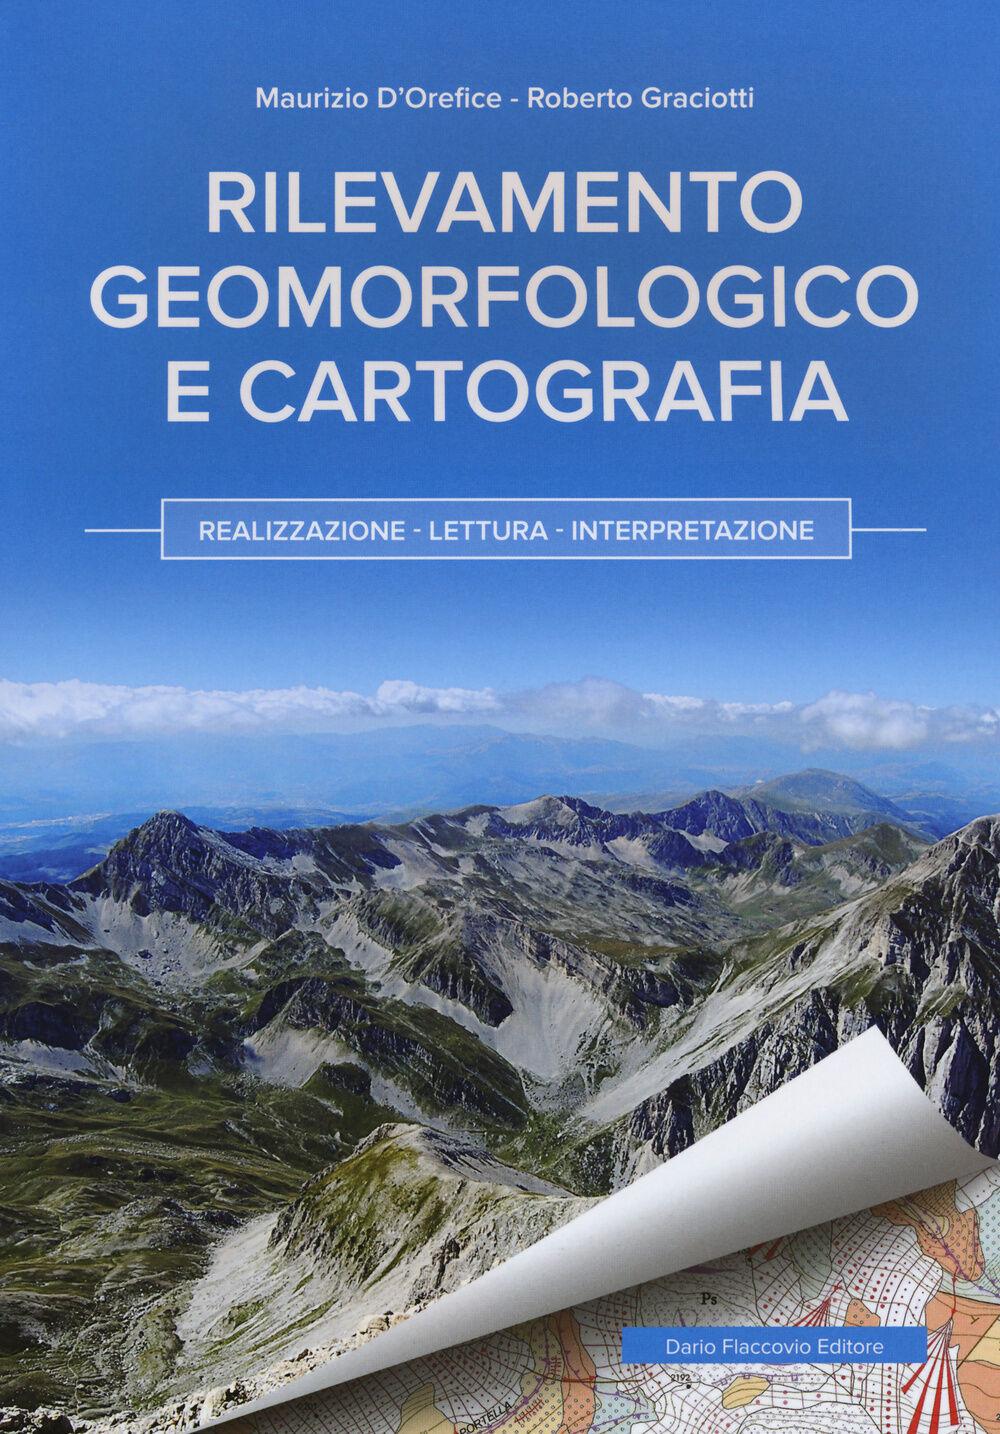 Rilevamento geomorfologico e cartografia: realizzazione, lettura, interpretazione